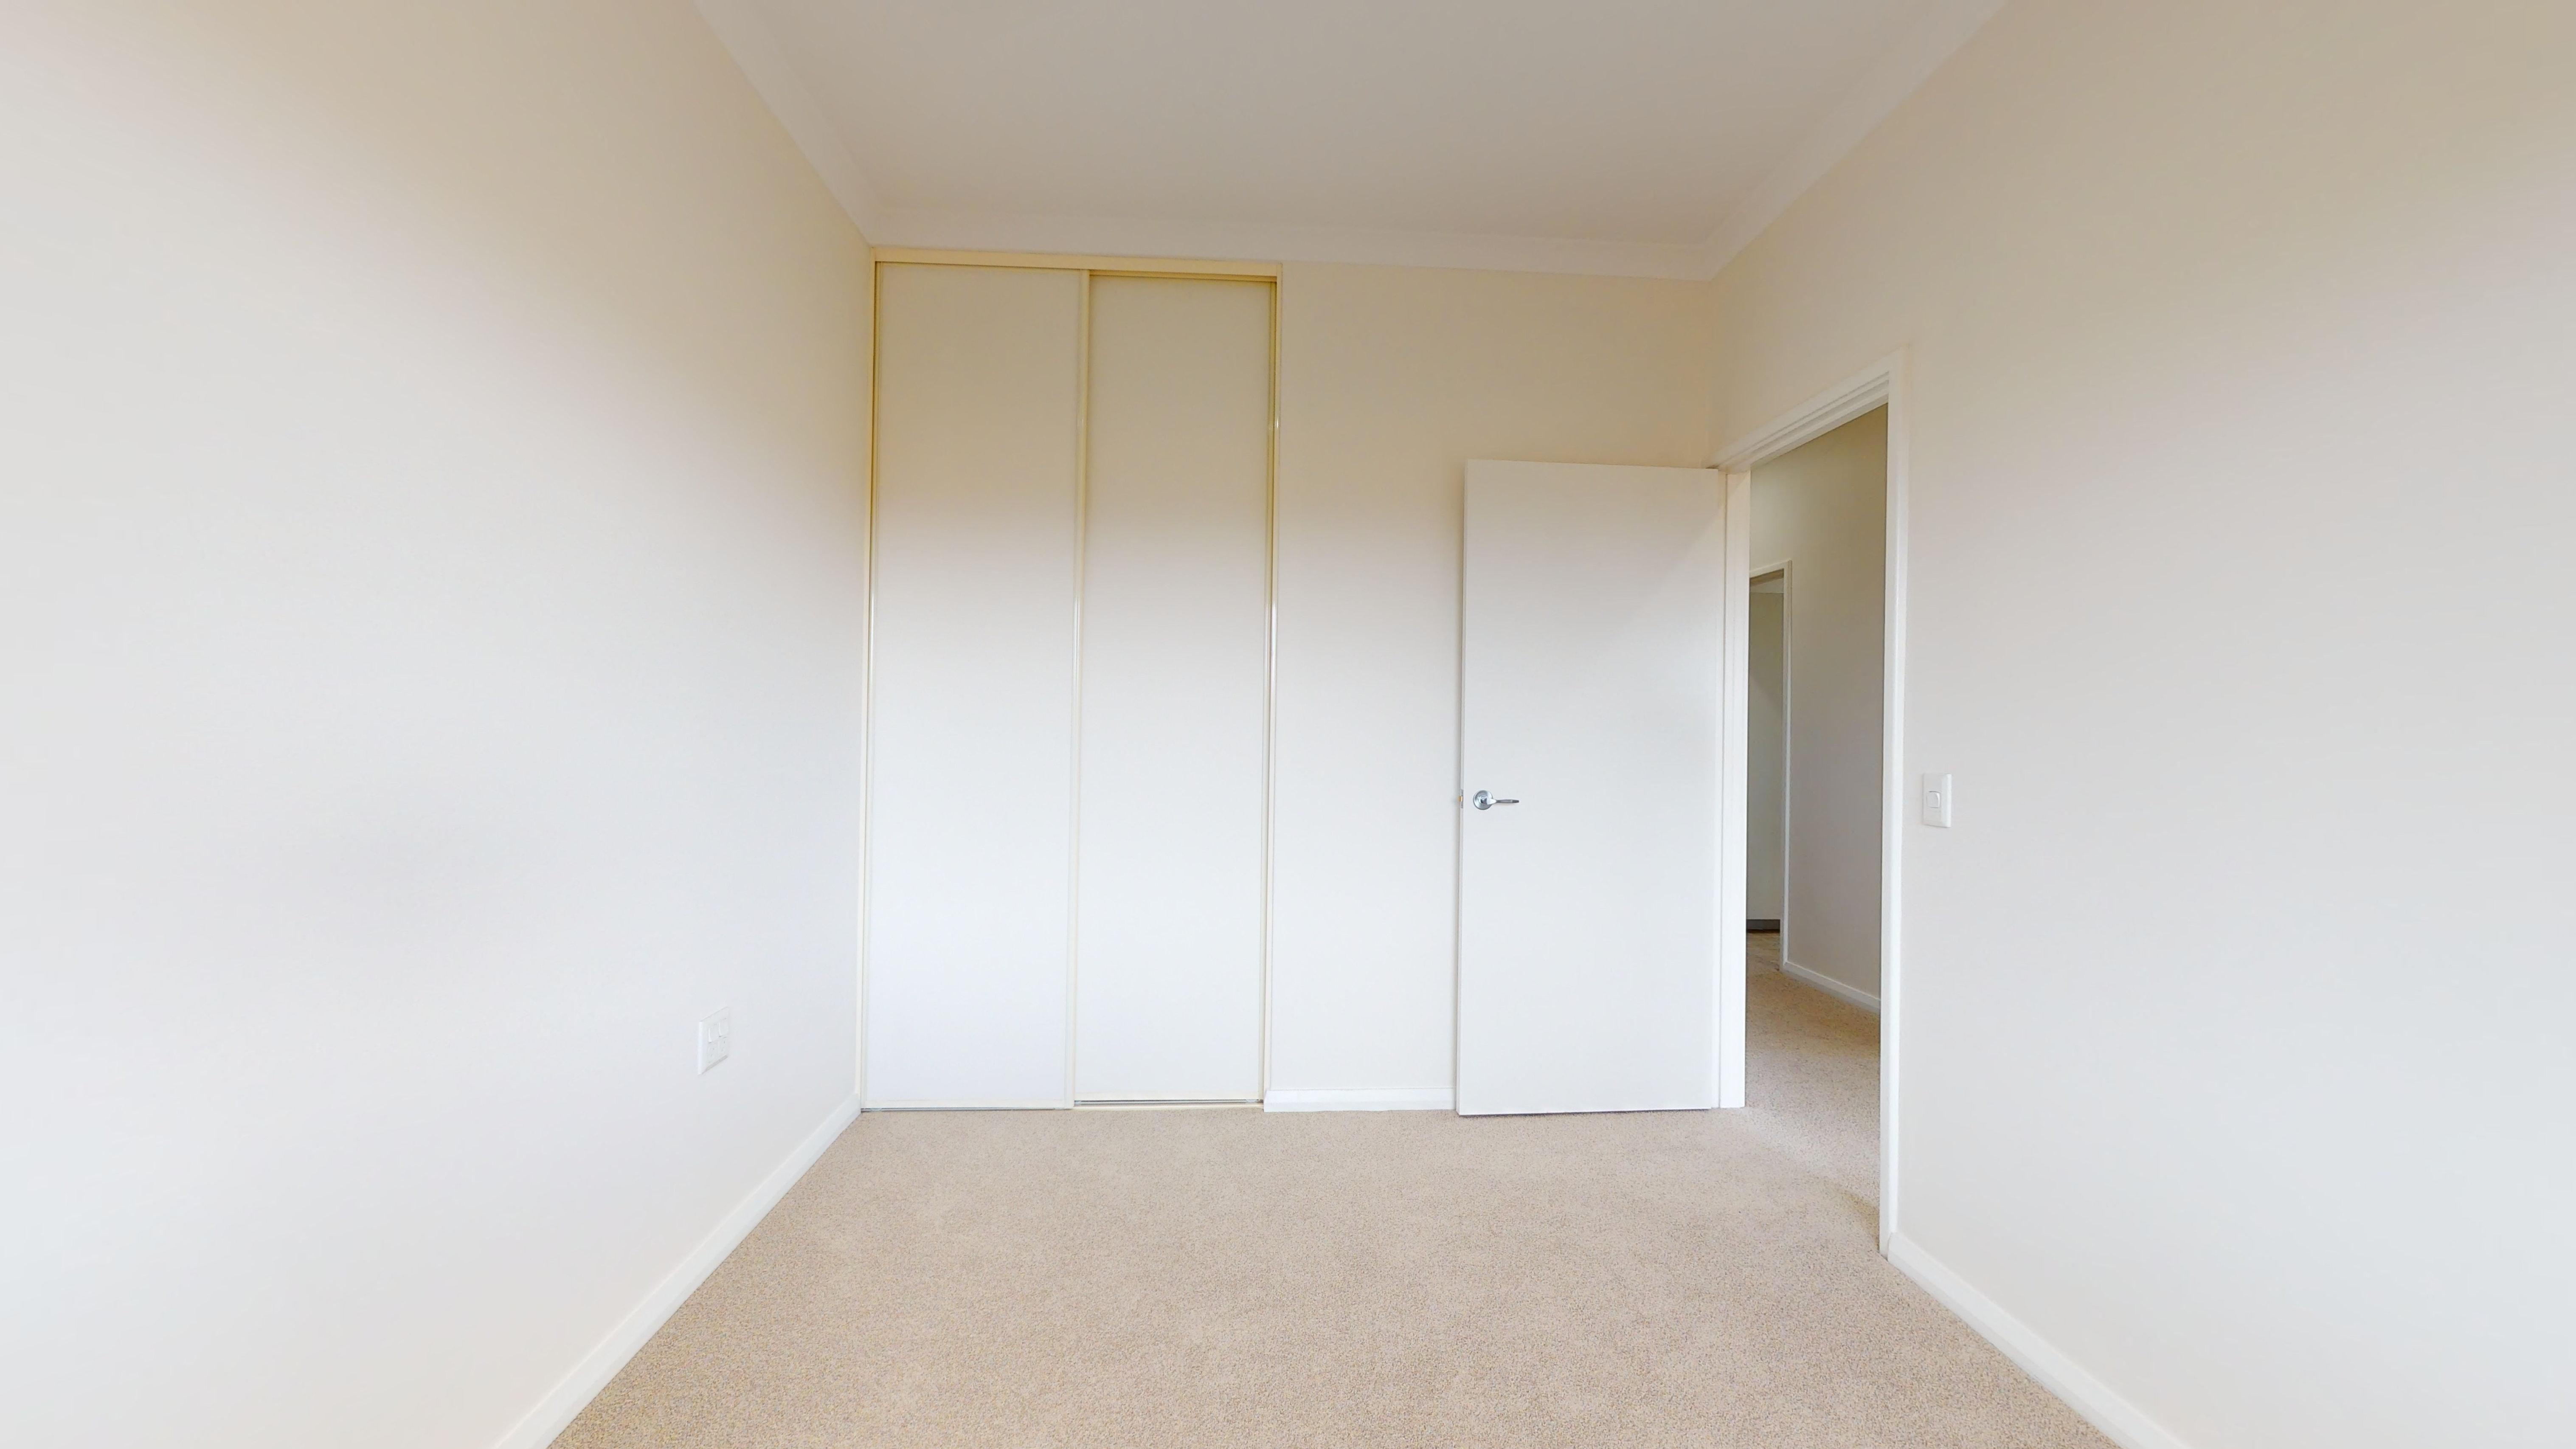 35483713 1626331083 24887 174 22 Windelya Rd Murdoch Bedroom Two